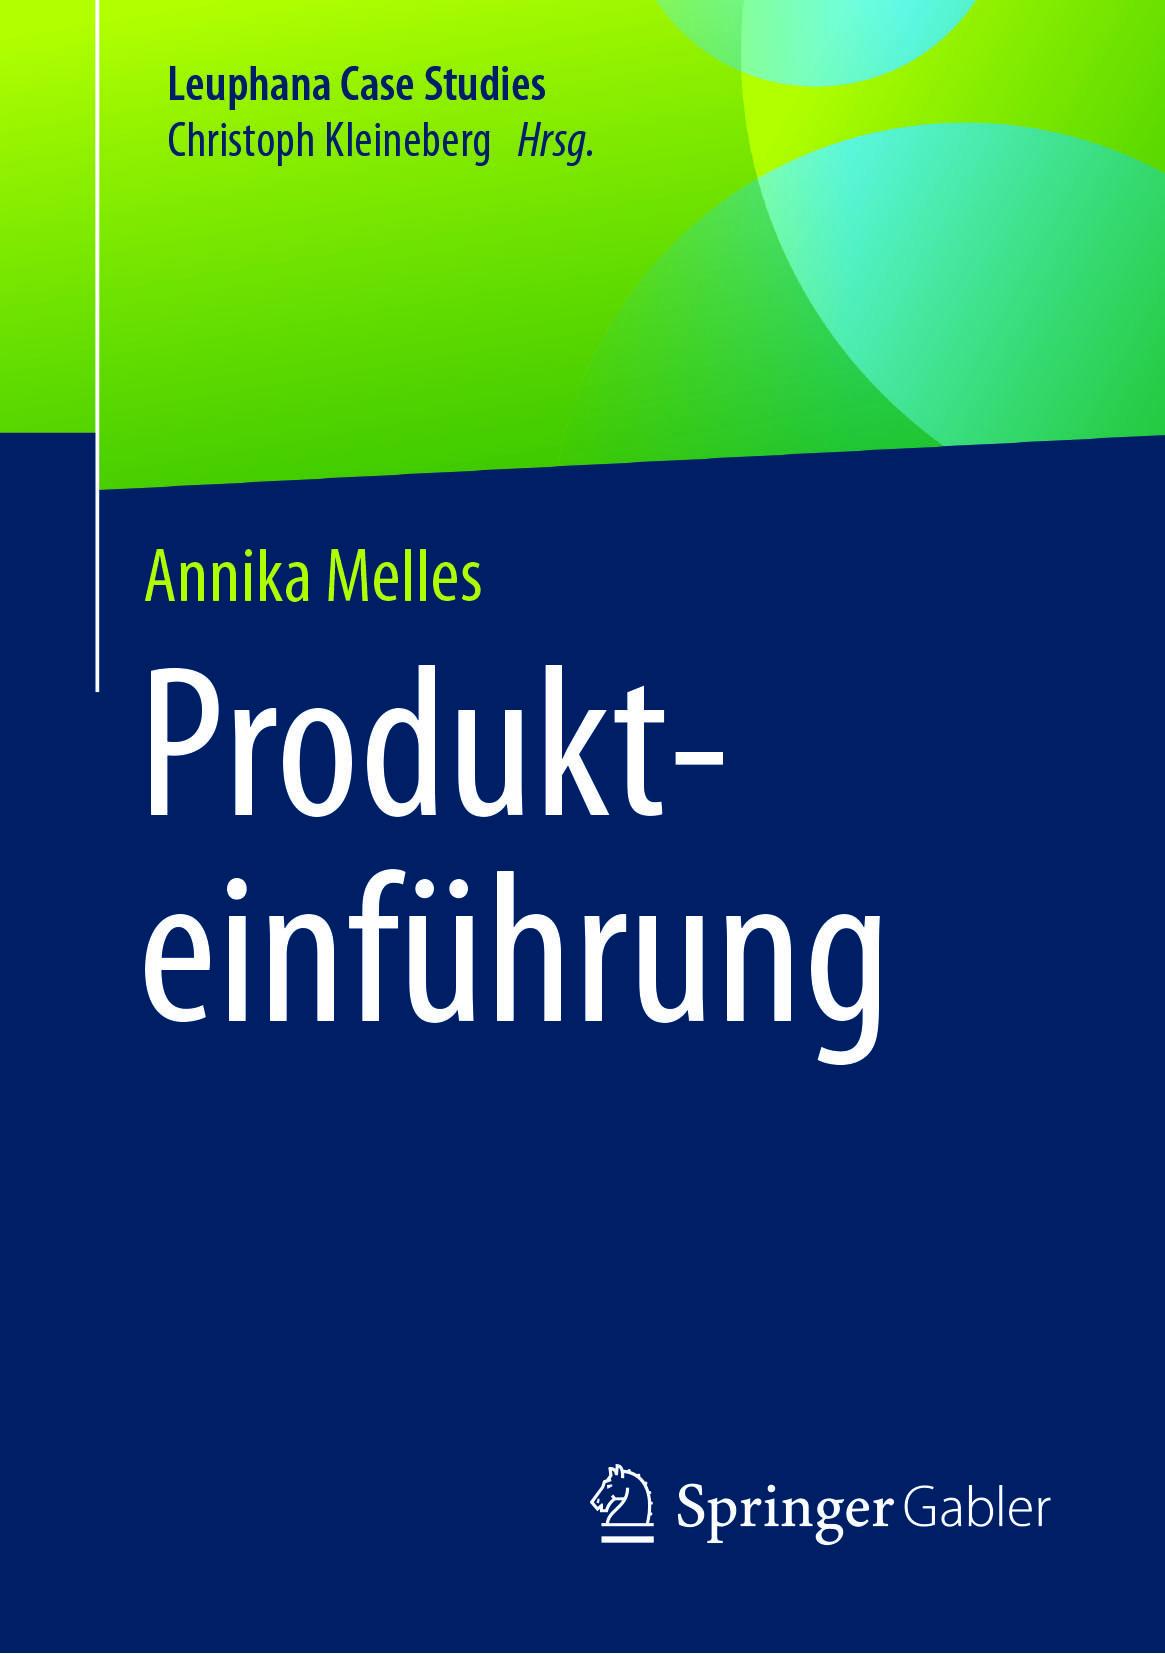 Melles, Annika - Produkteinführung, ebook